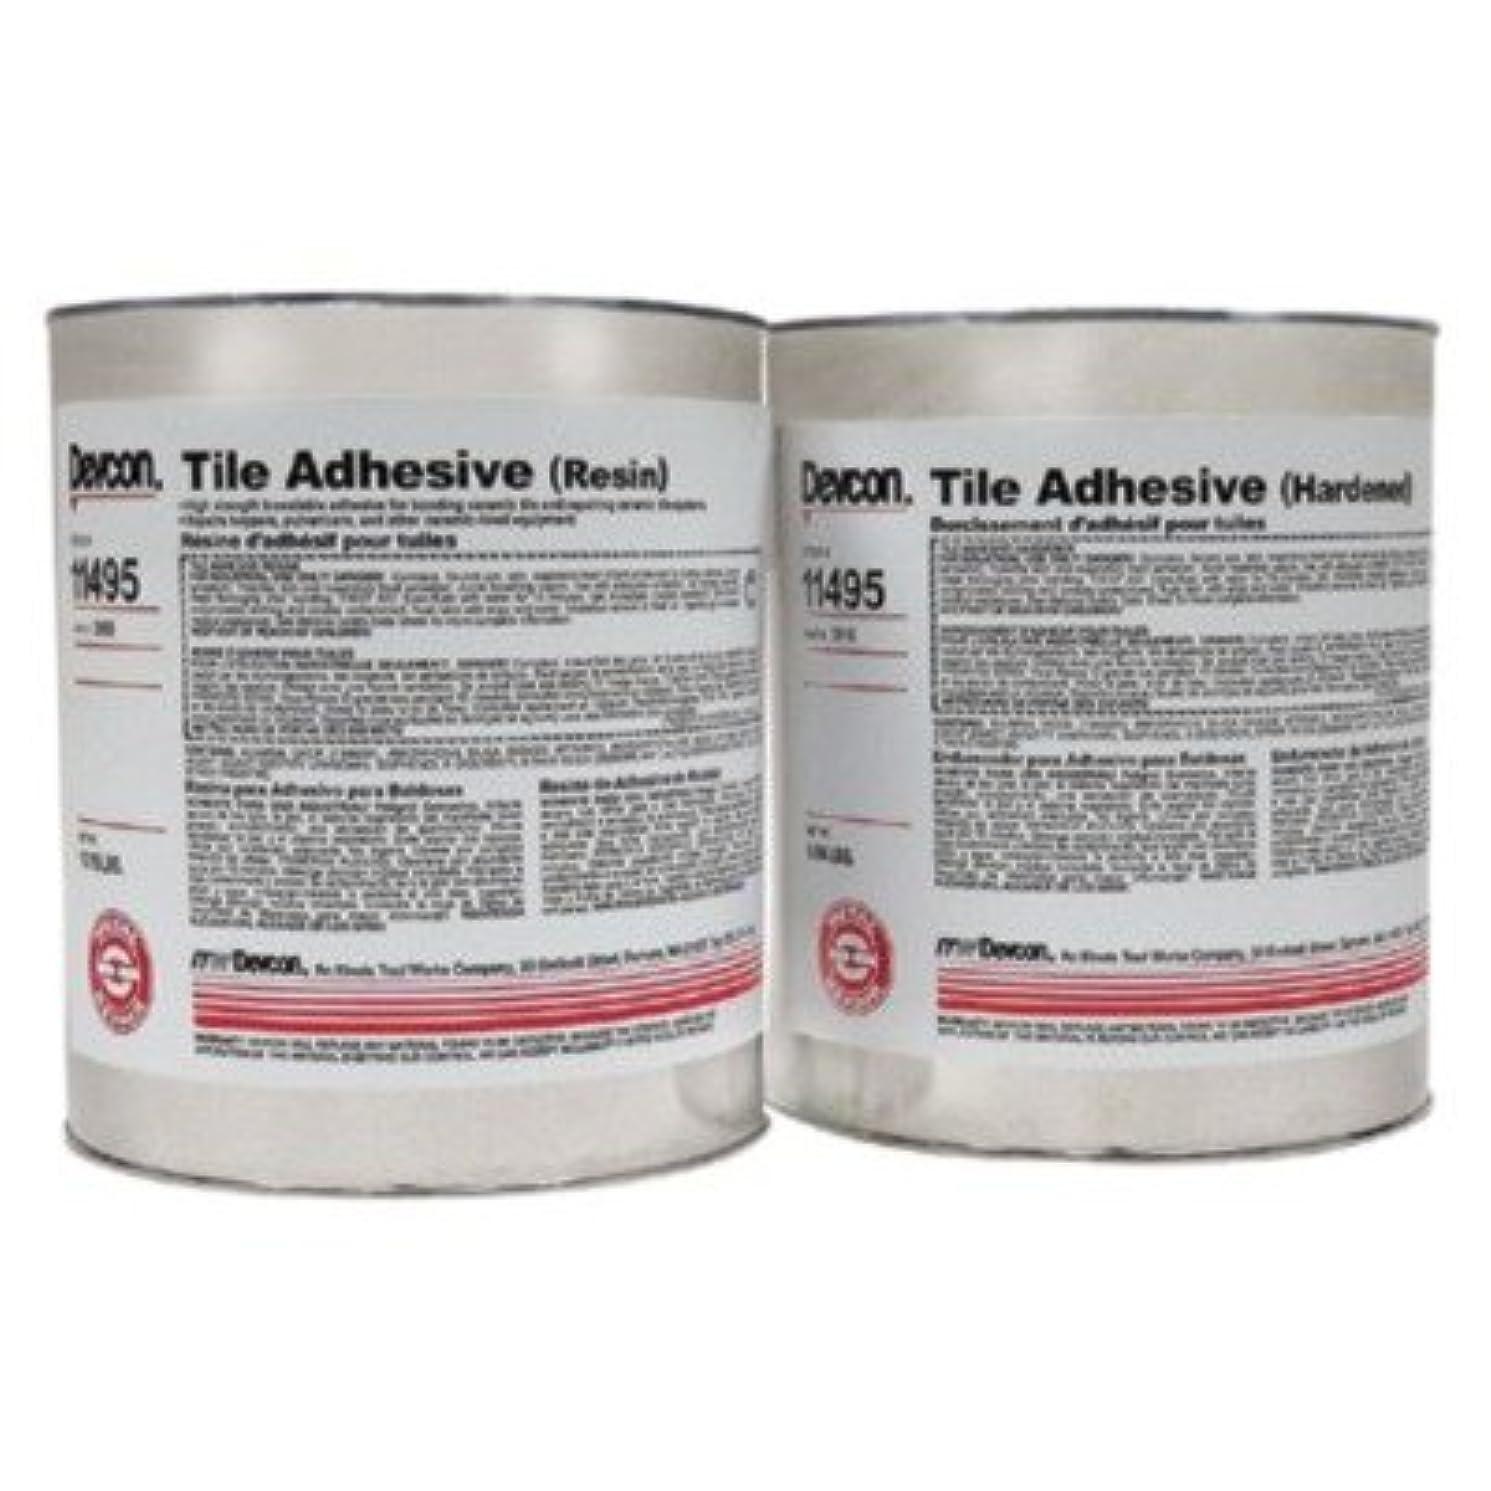 Devcon - Tile Adhesives 20Lb. Tile Adhesive Epoxy: 230-11495 - 20lb. tile adhesive epoxy